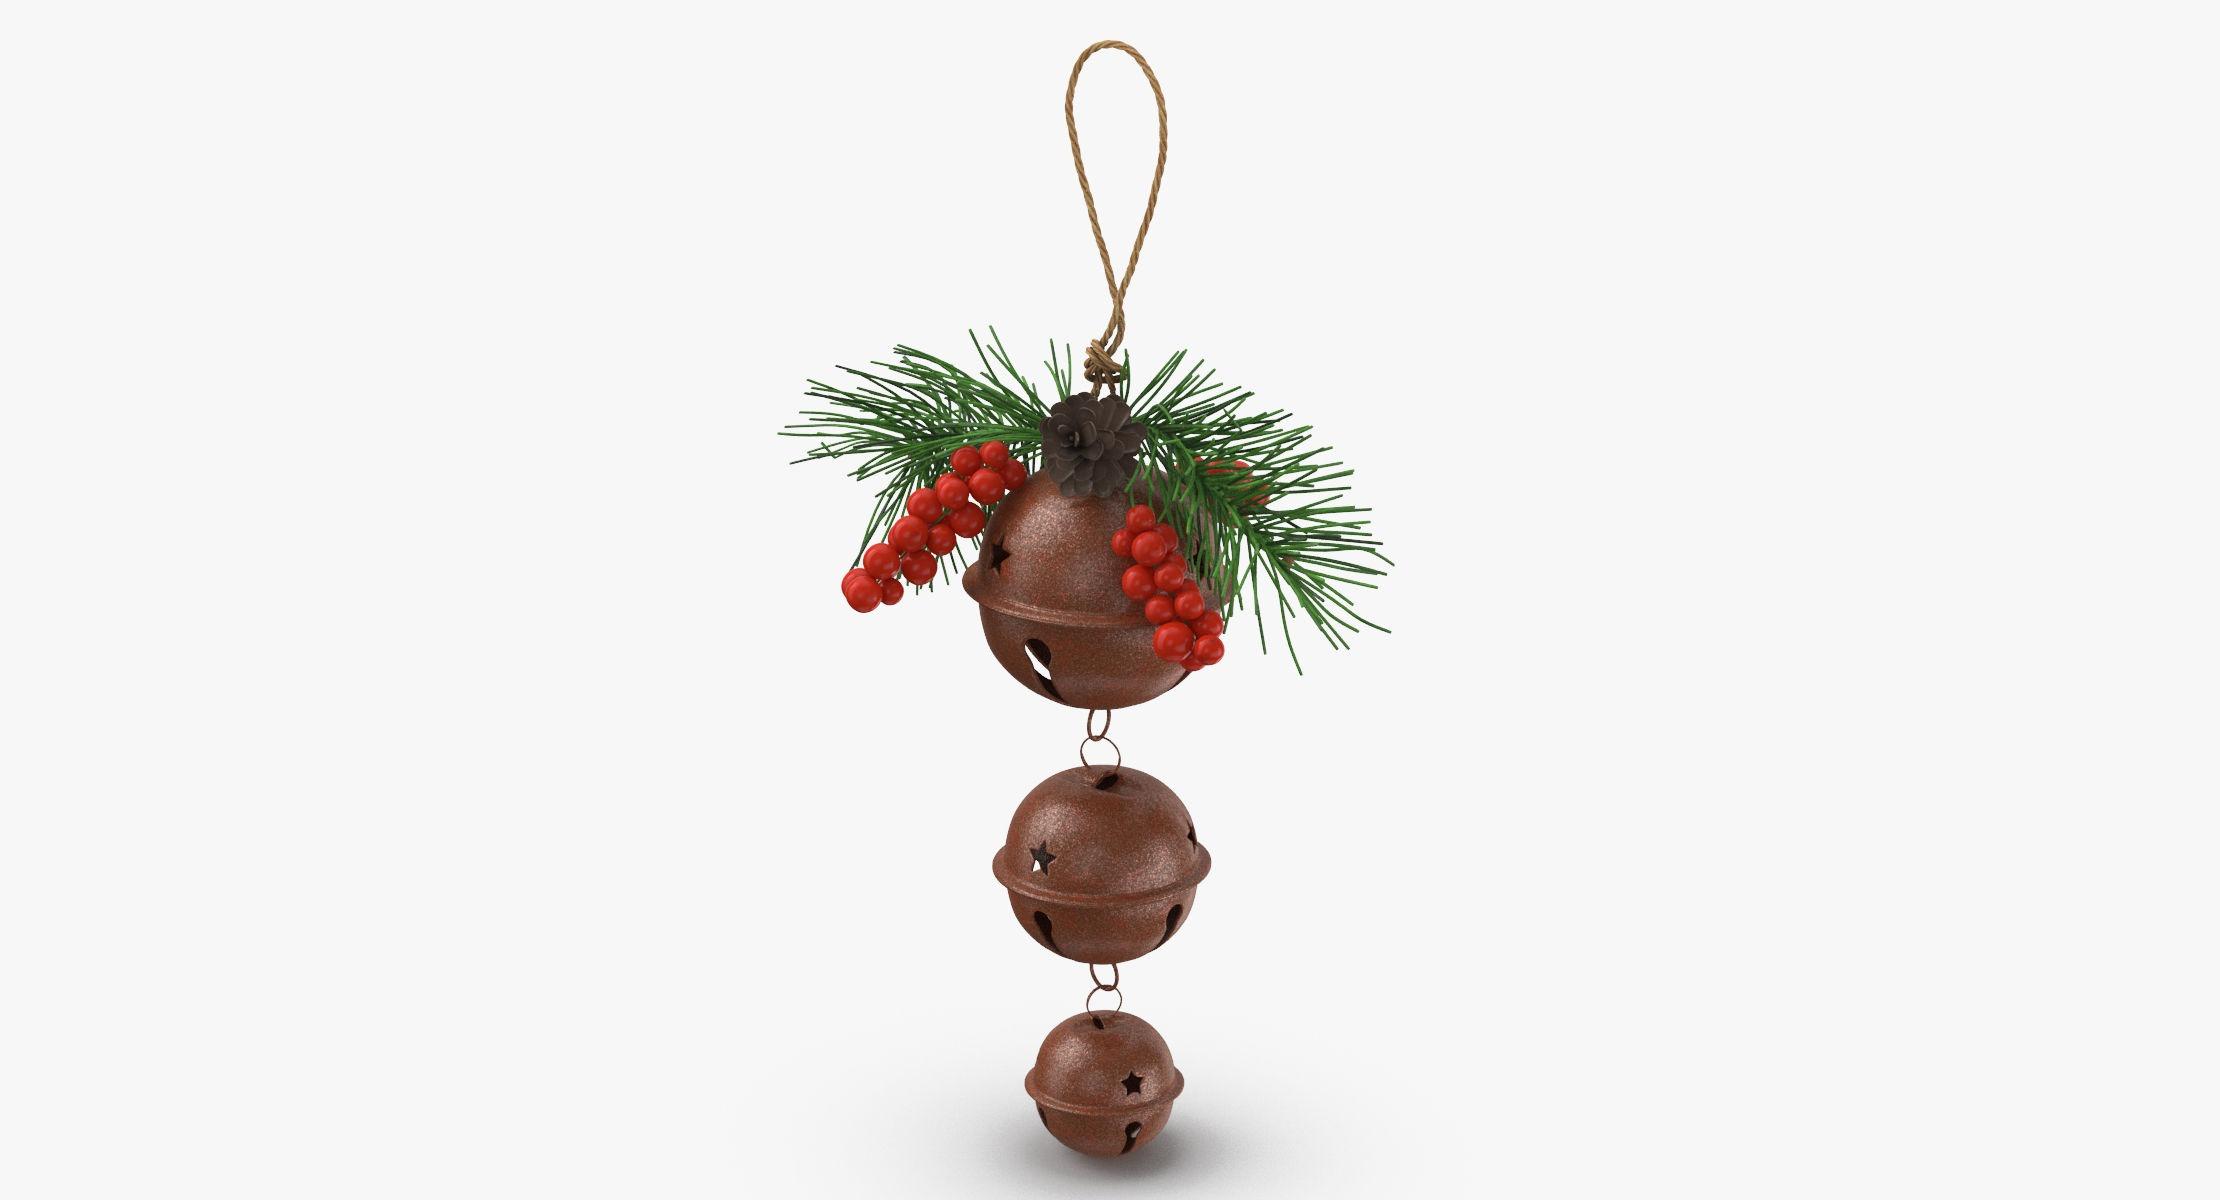 Christmas Bells 01 Hanged - reel 1